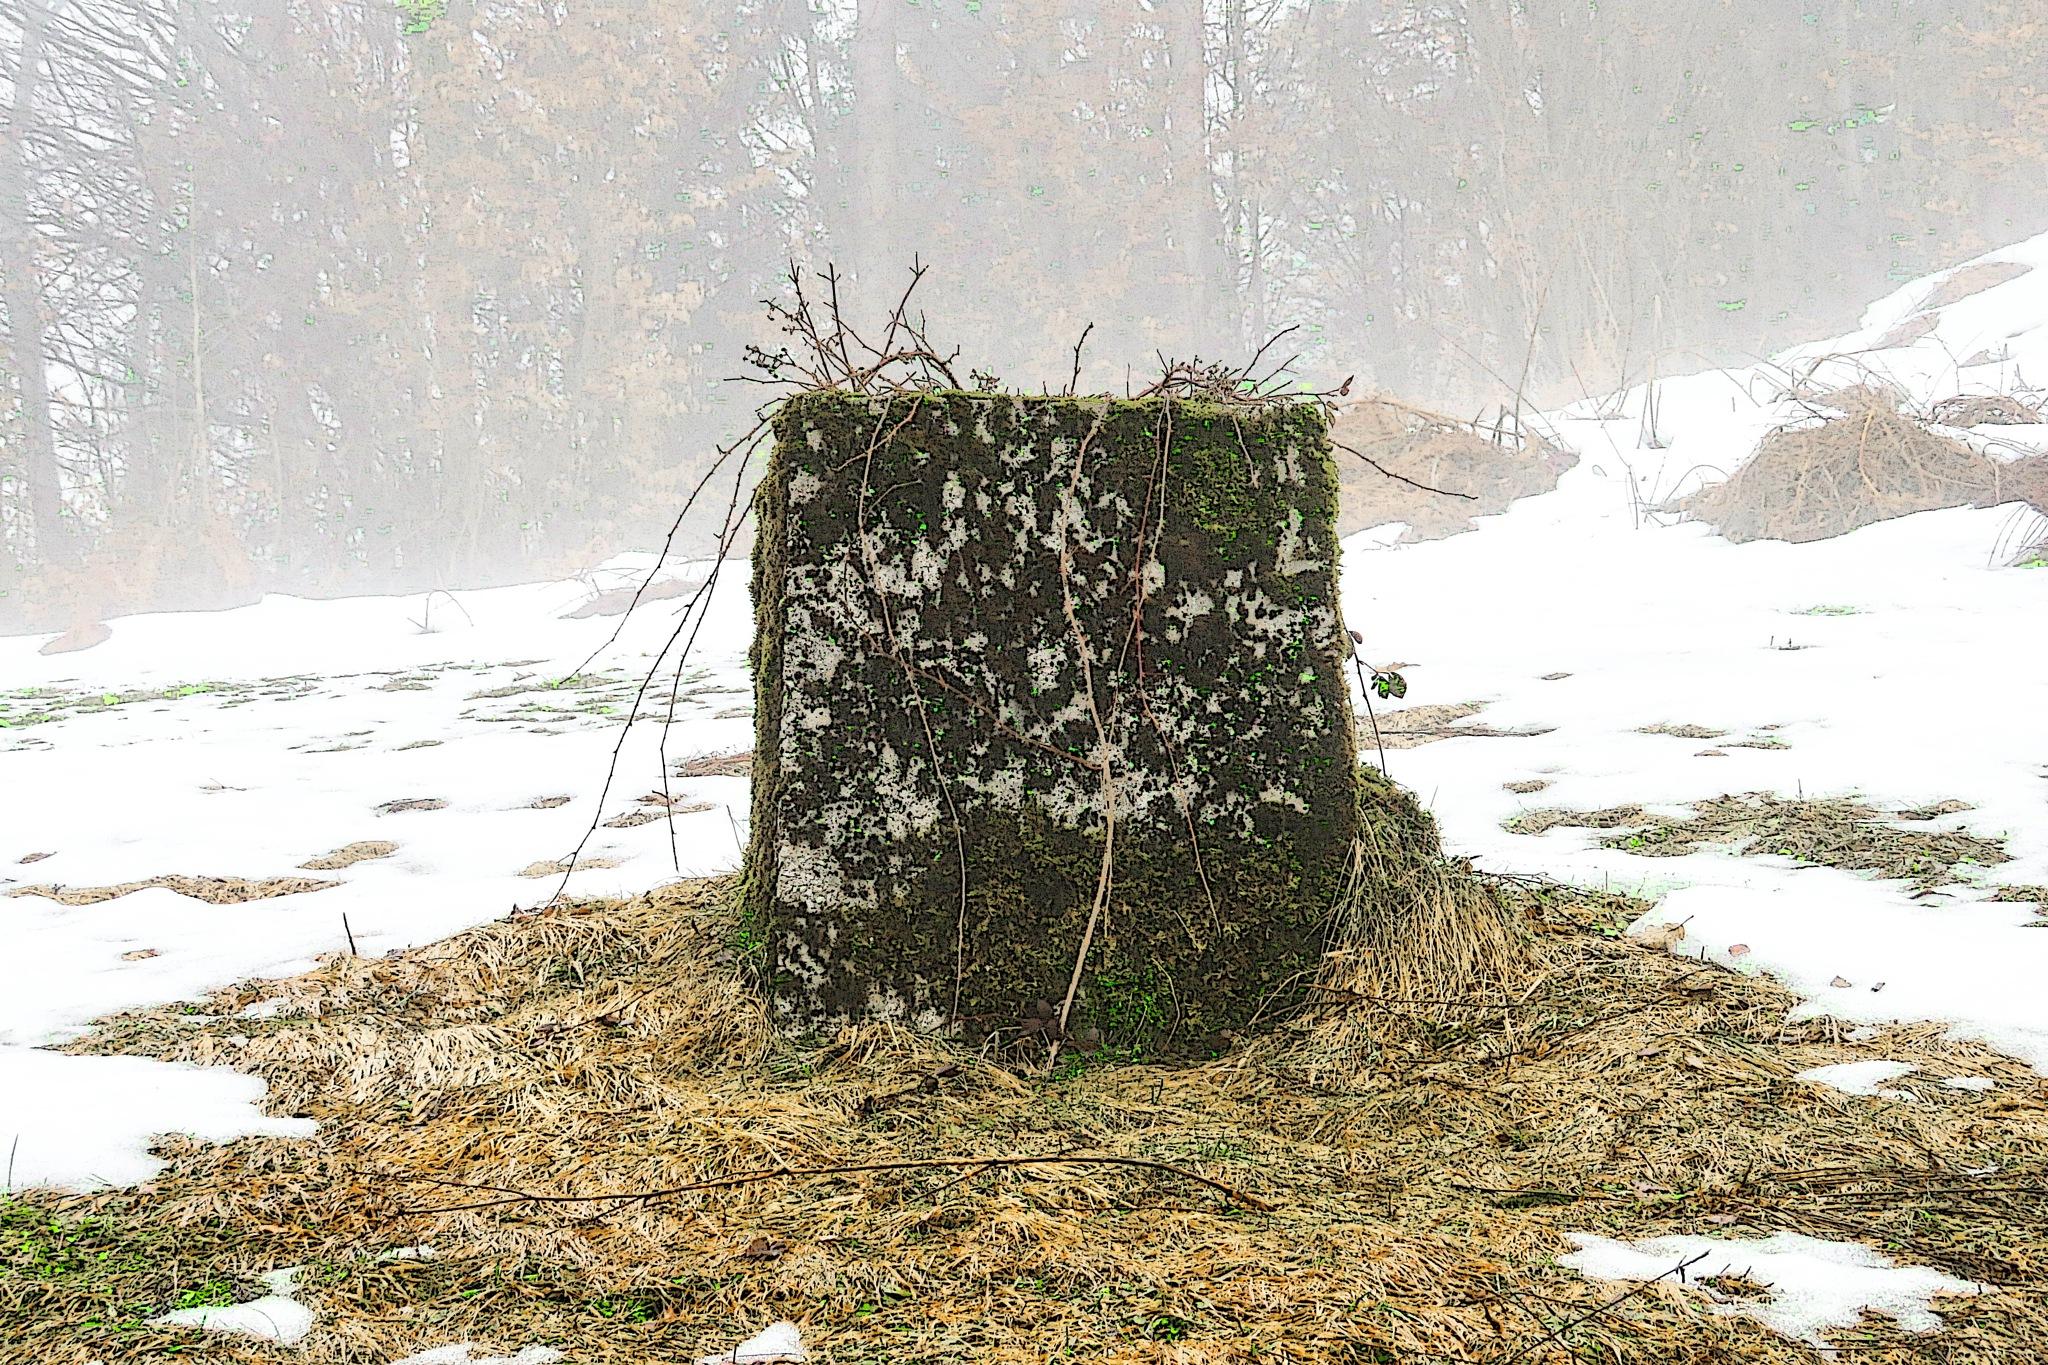 Neoznačen kameni blok by sreten nakićenović